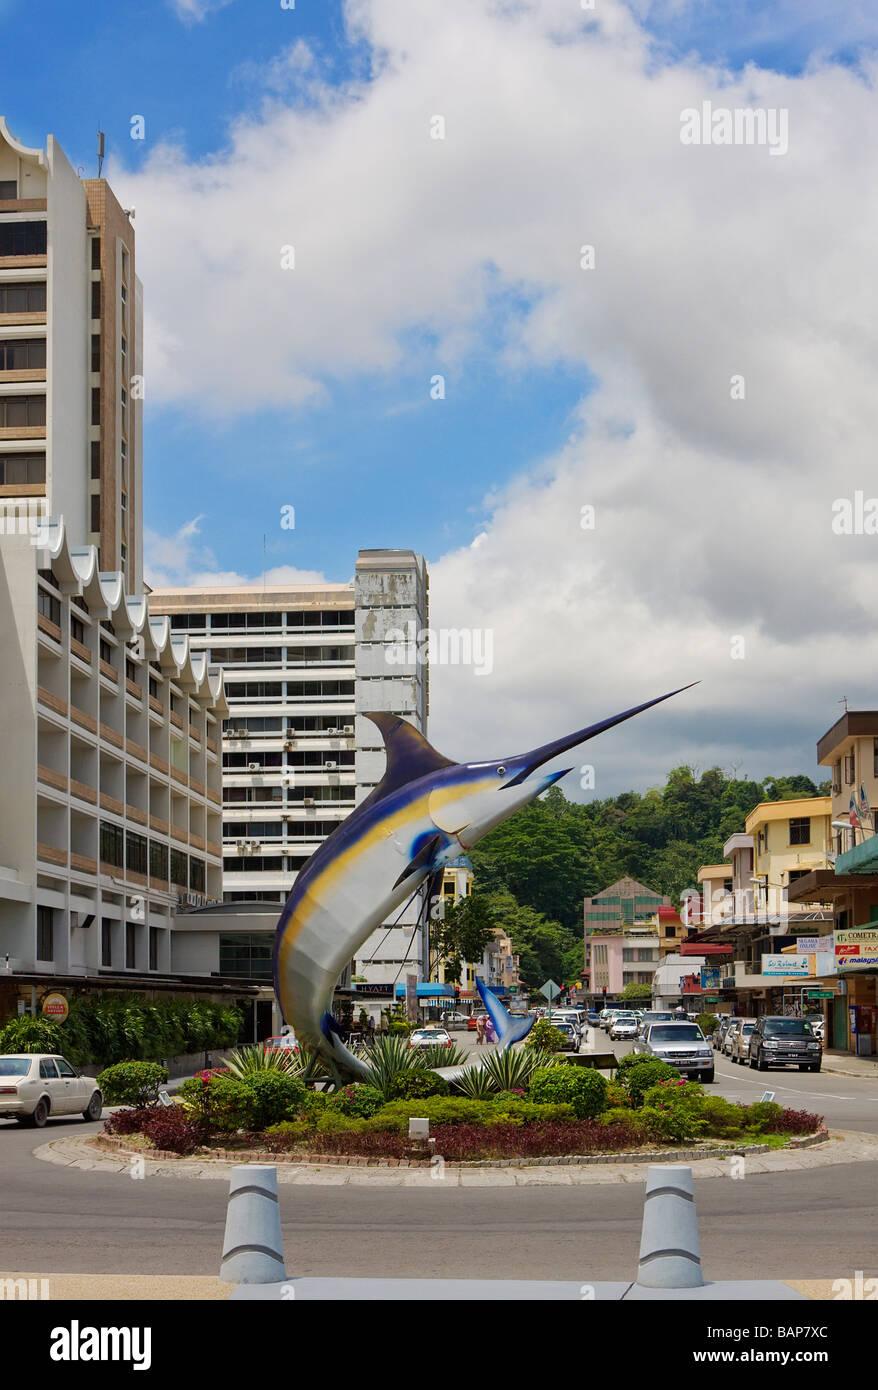 City street and fish sculpture Kota Kinabalu Sabah Borneo - Stock Image